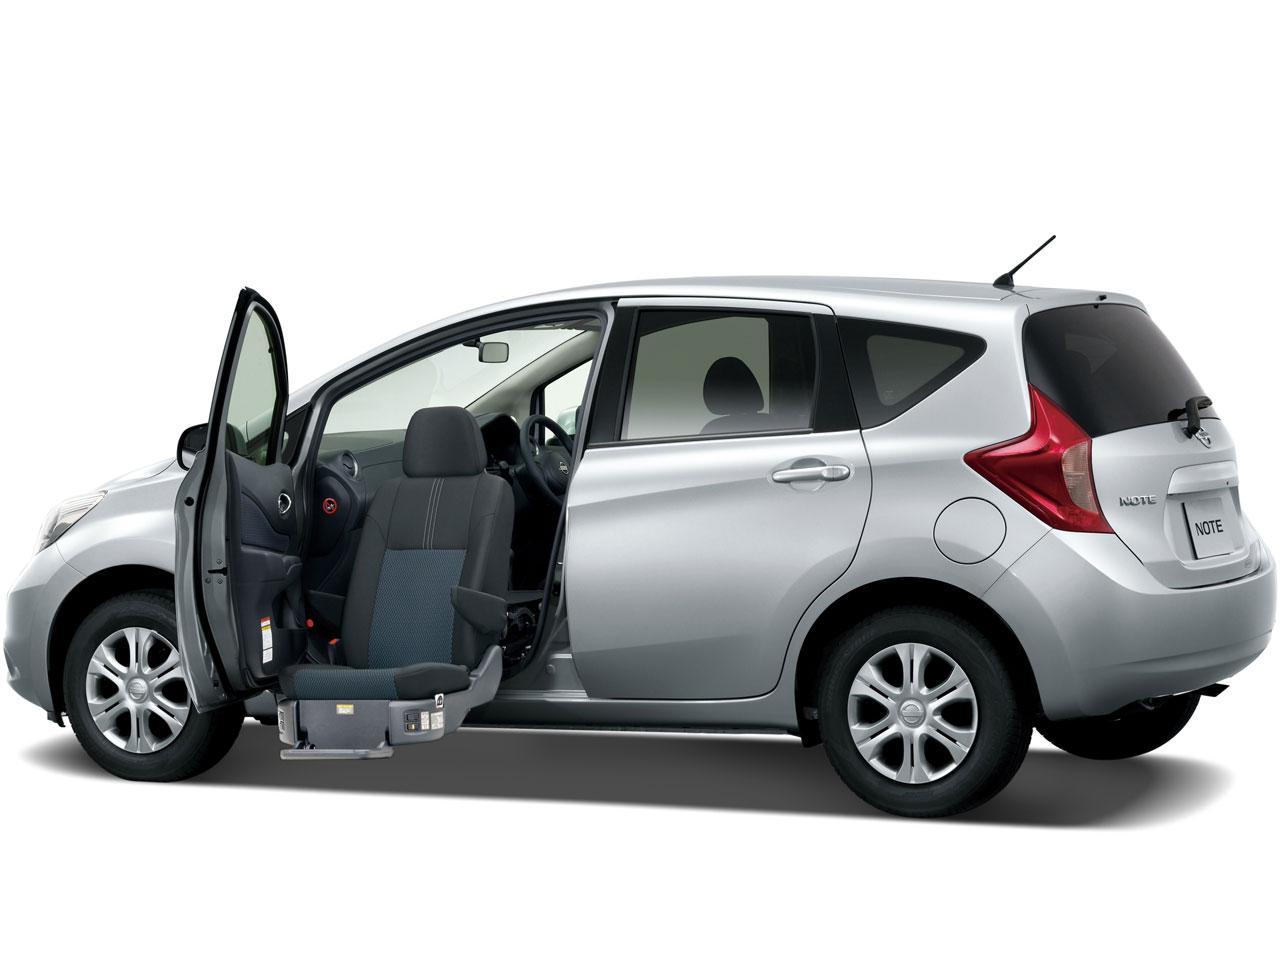 日産 ノート 福祉車両 2012年モデル 新車画像